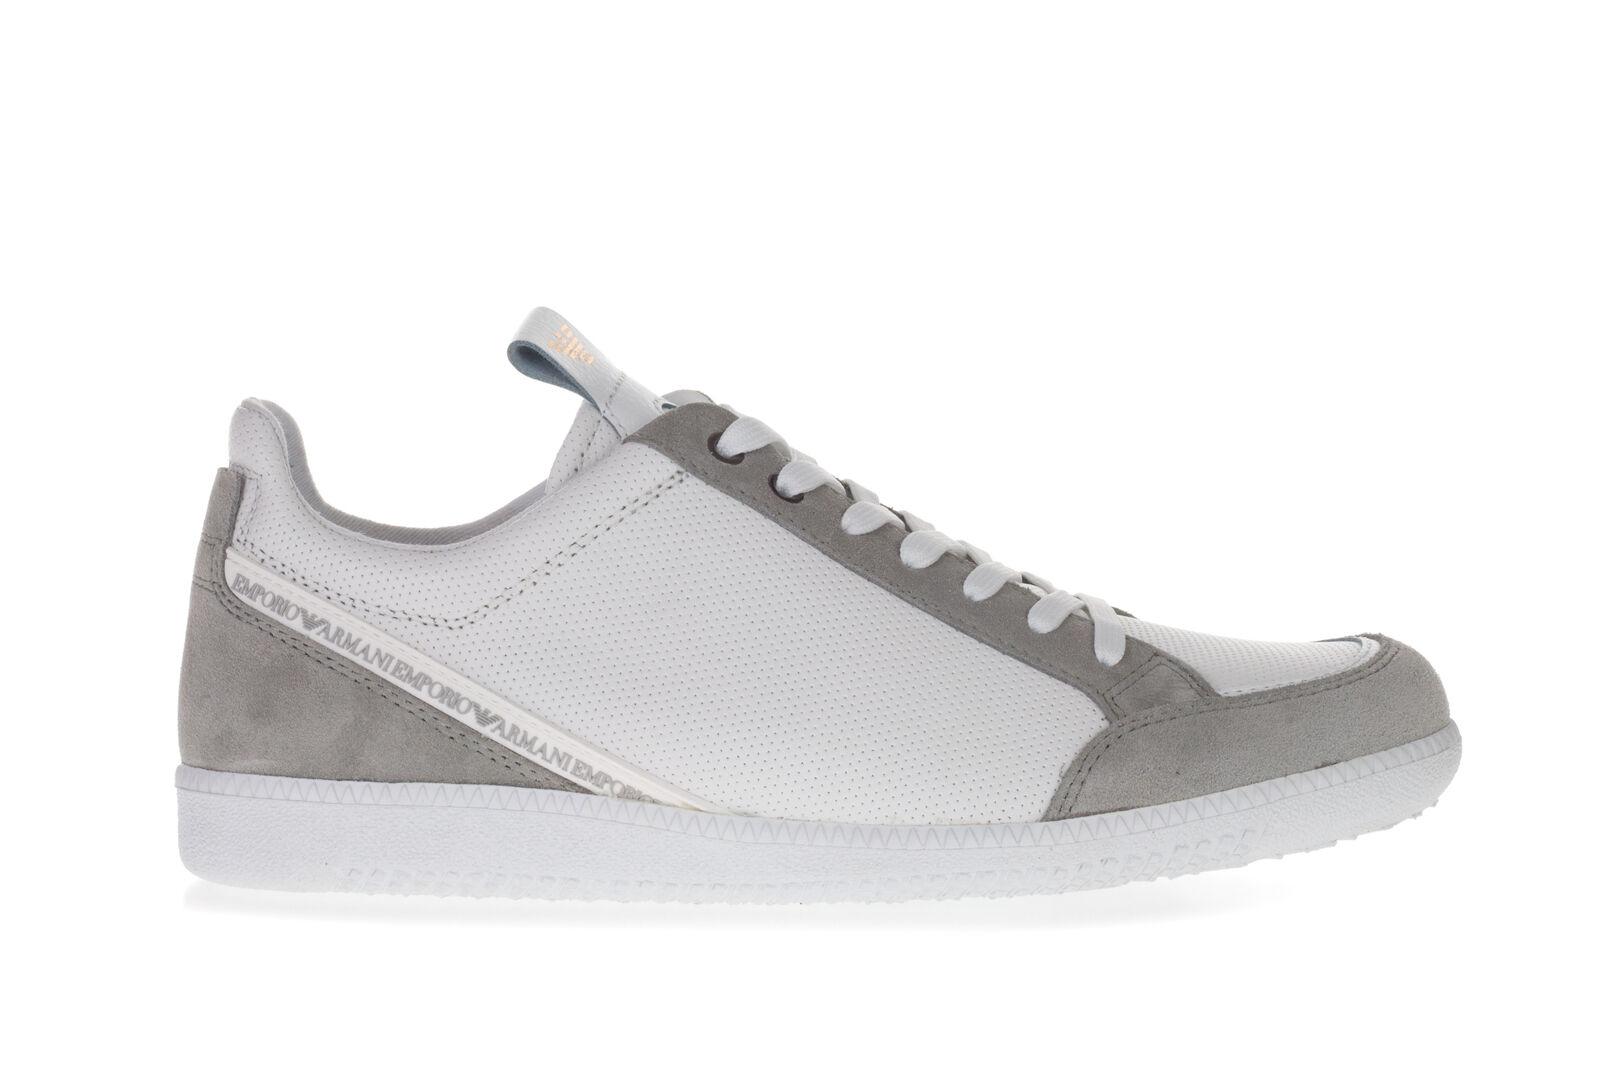 EMPORIO ARMANI Herren Turnschuhe Schuhe Aus Weiß Leder Leder